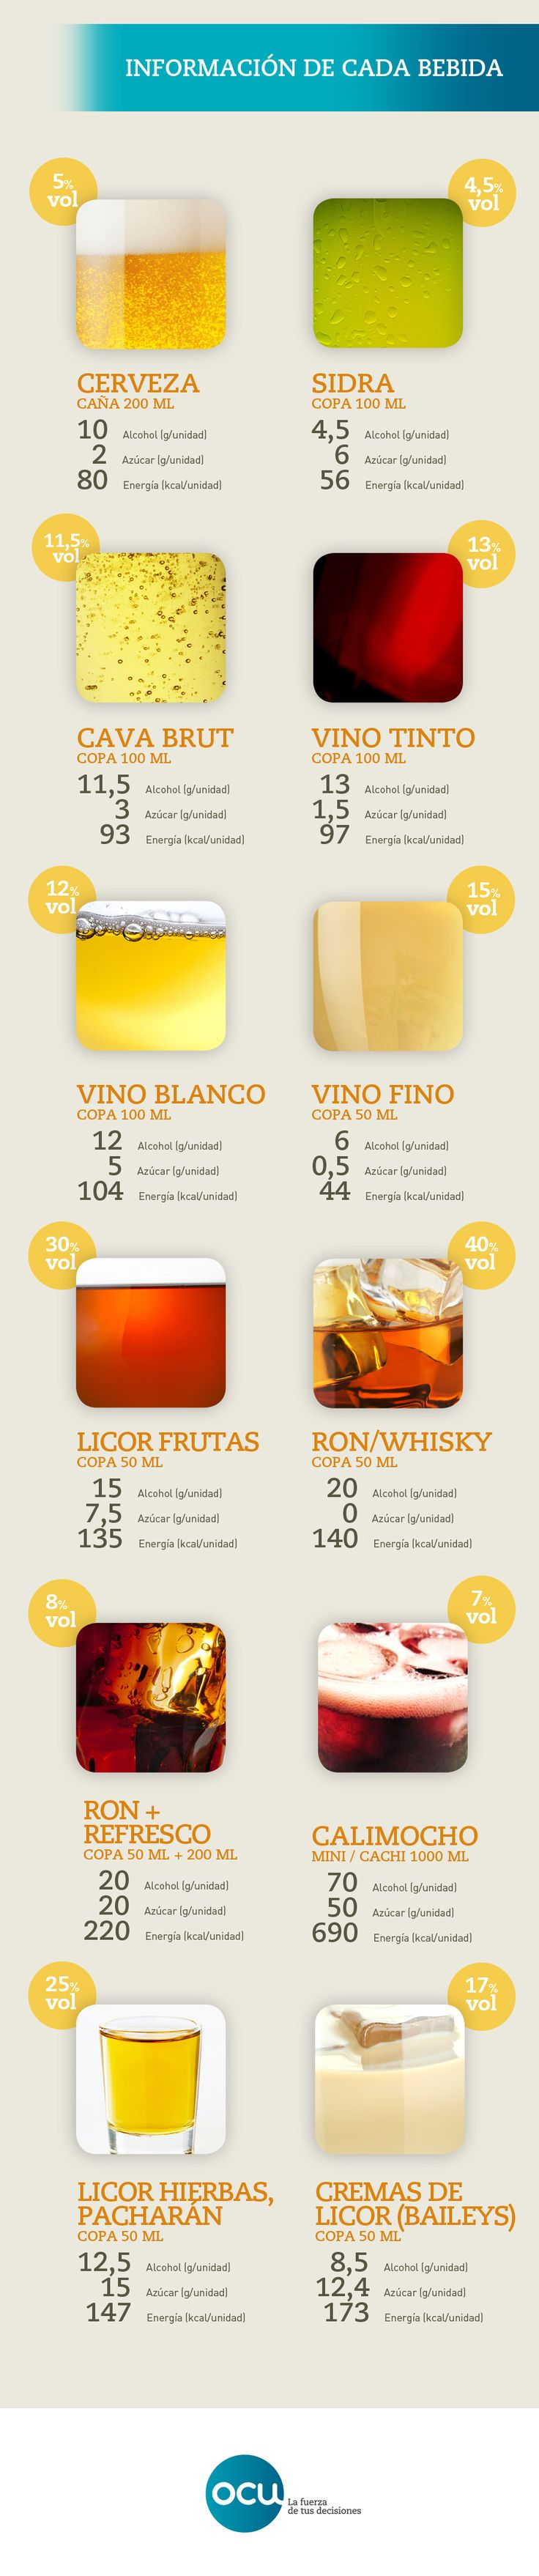 El azúcar, el alcohol y las calorías de cada una de las bebidas alcohólicas más habituales en la barra y entre los jóvenes.